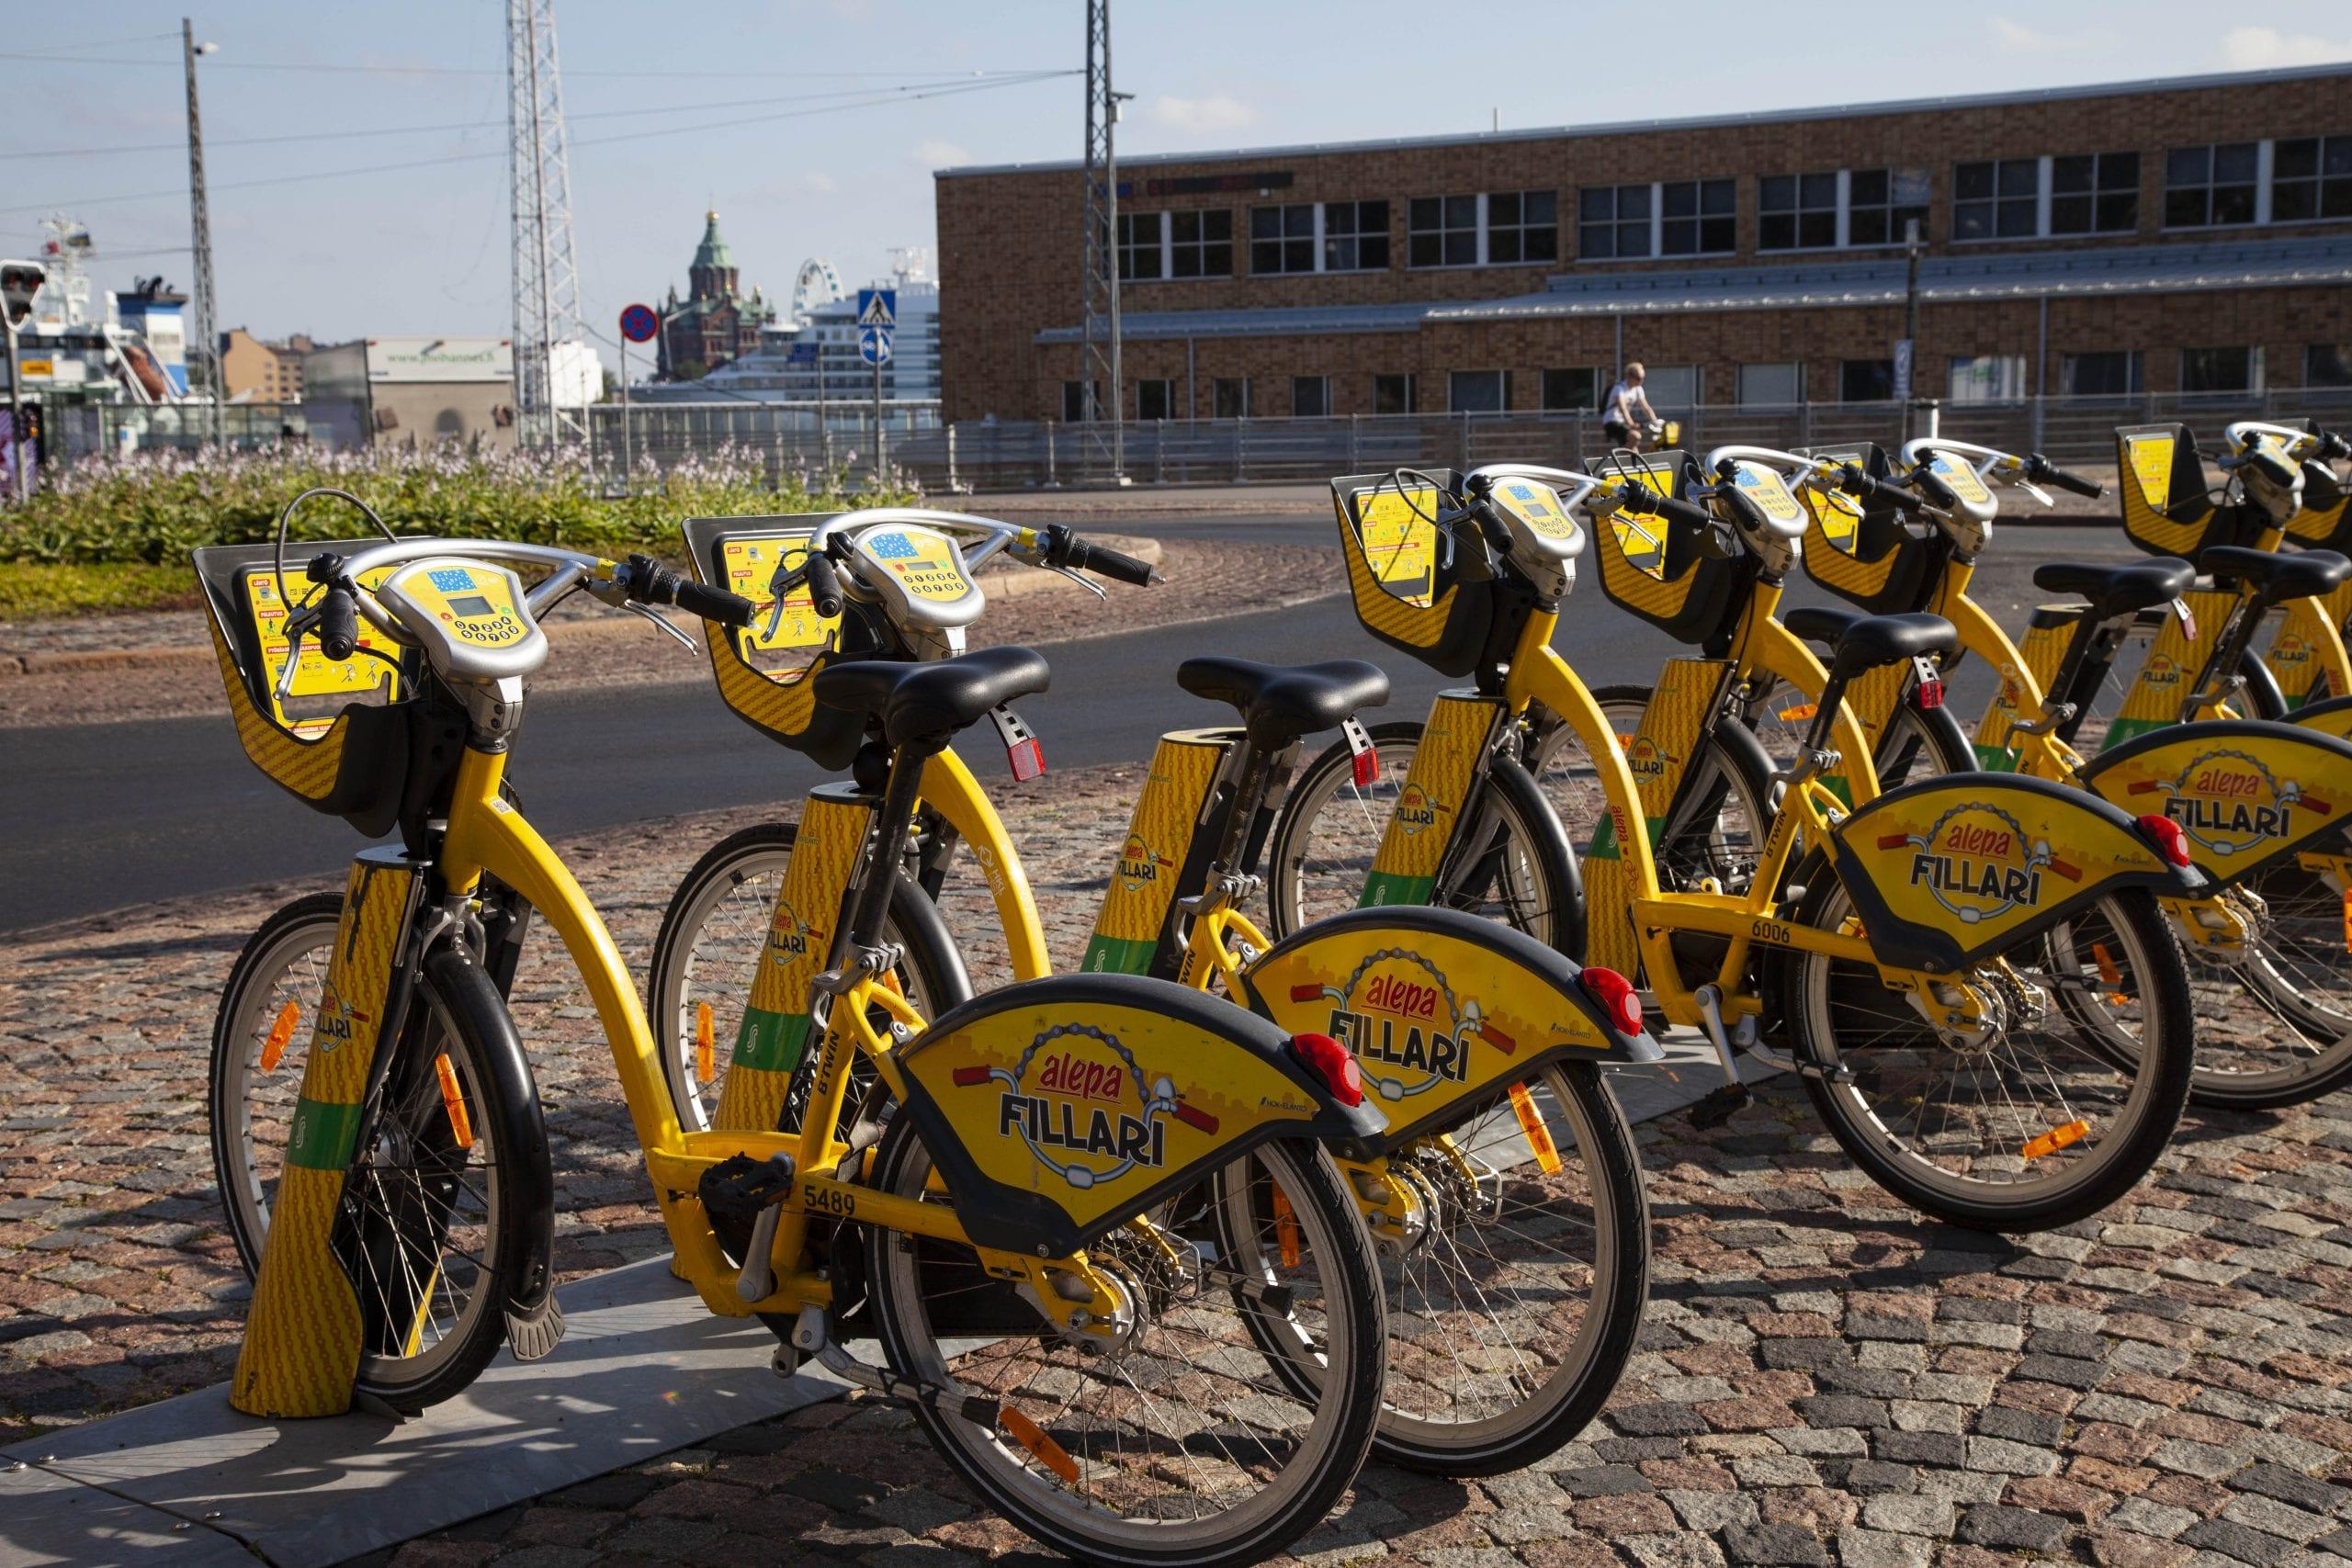 Kaikki uudet pyörät saadaan käyttöön heinäkuun alkuun mennessä. Kuva: HKL